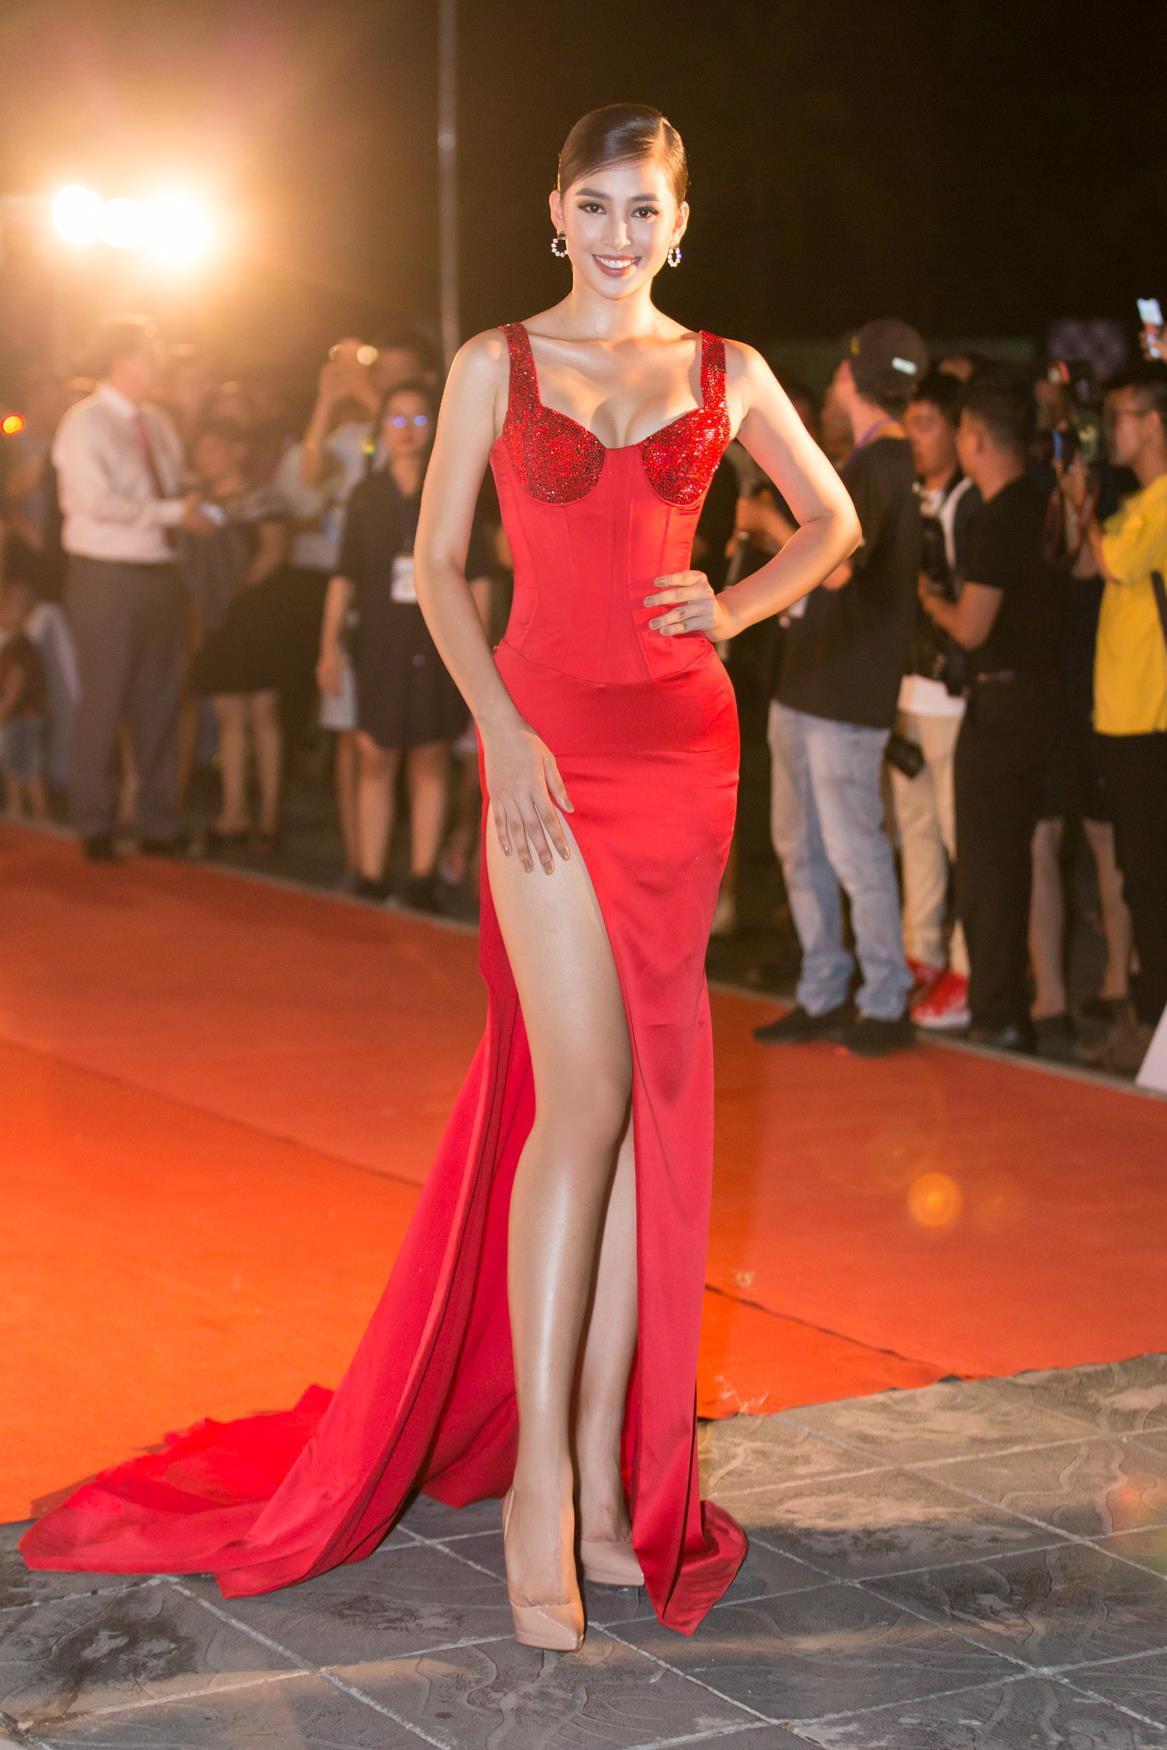 Hoa hậu Tiểu Vy ngày càng gợi cảm, táo bạo ở tuổi 19 Ảnh 2